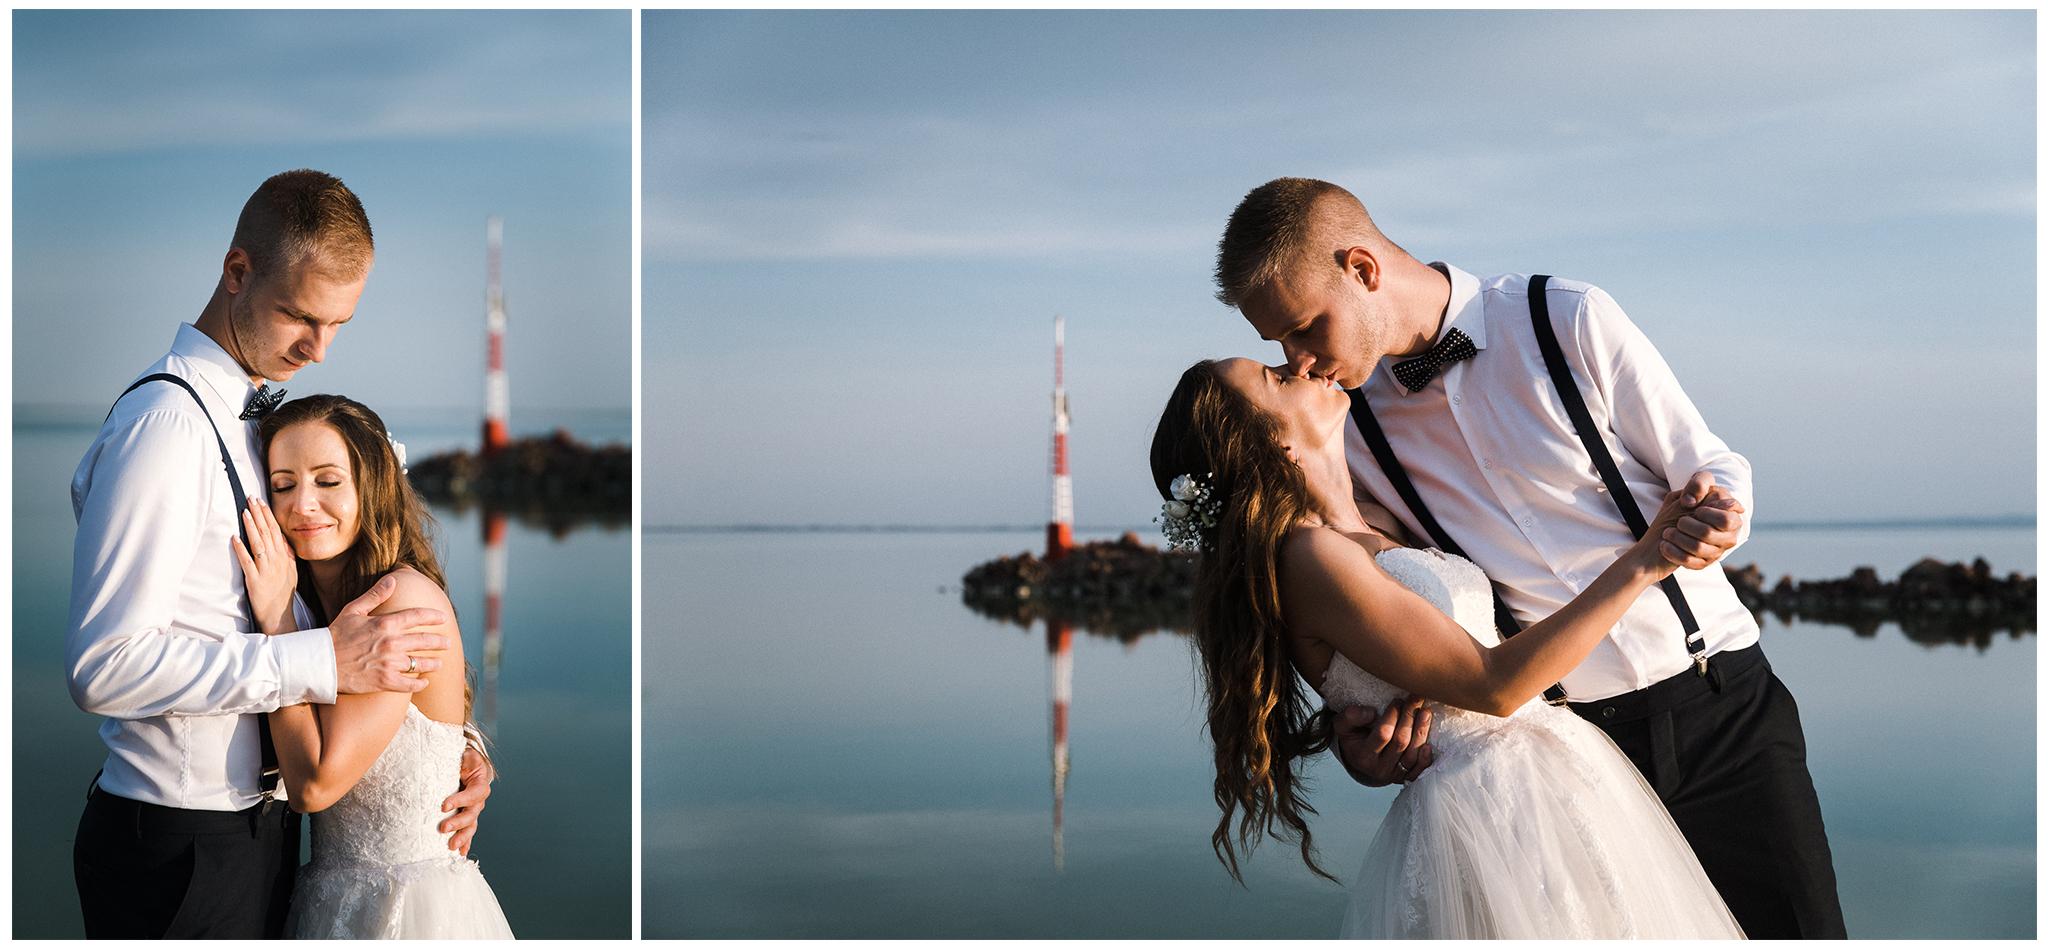 MONT_FylepPhoto, Esküvőfotós Vasmegye, Esküvő fotózás, Esküvői fotós, Körmend, Vas megye, Dunántúl, Budapest, Fülöp Péter, Jegyes fotózás, jegyes, kreatív, kreatívfotózás, Balaton_Réka&Peti,2018_020.jpg